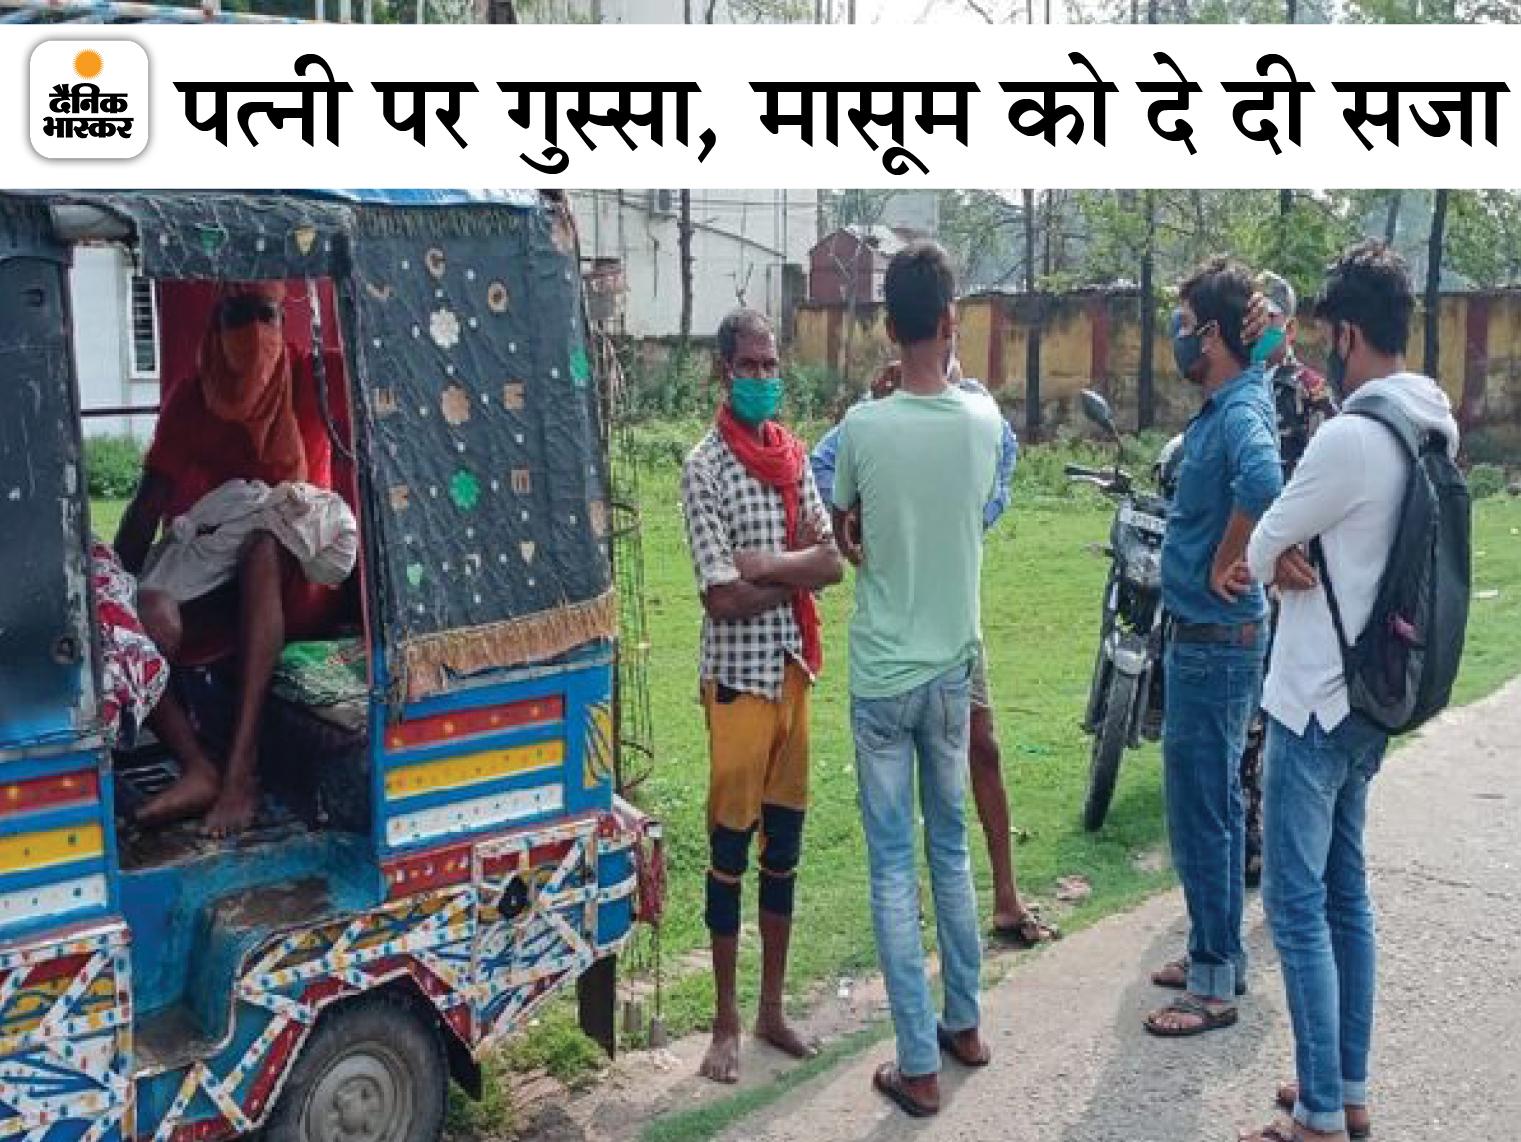 पहले पत्नी को मारपीट कर घर से भगाया, फिर सो रहे दोनों मासूमों की गला रेतकर हत्या कर दी|पटना,Patna - Dainik Bhaskar